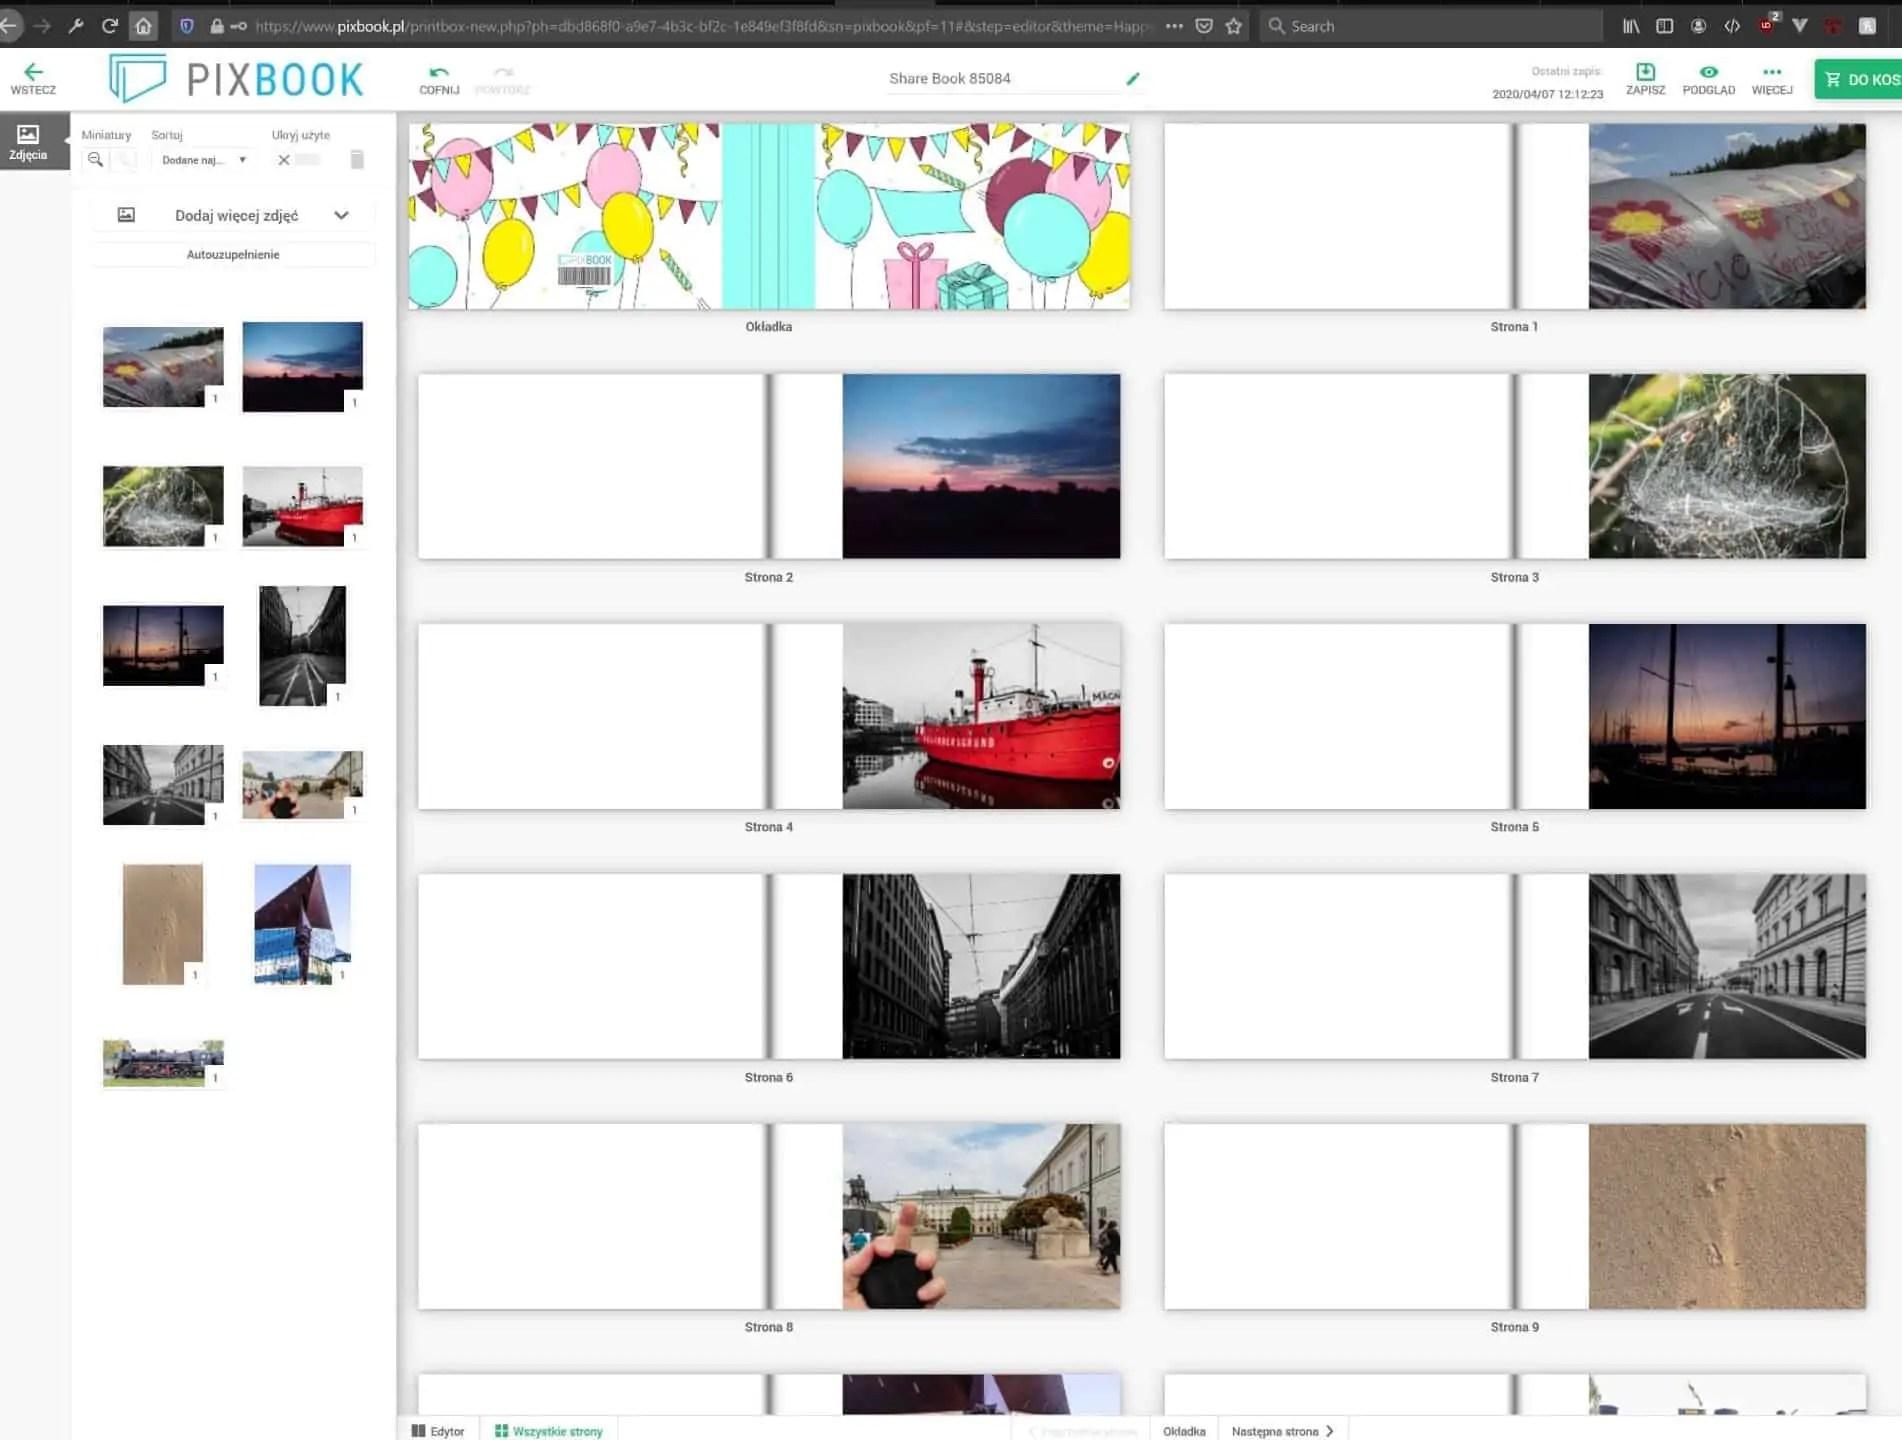 pixbook edytor tworzenia książeczki ze zdjęciami - Saal design, pixbook - książki fotograficzne